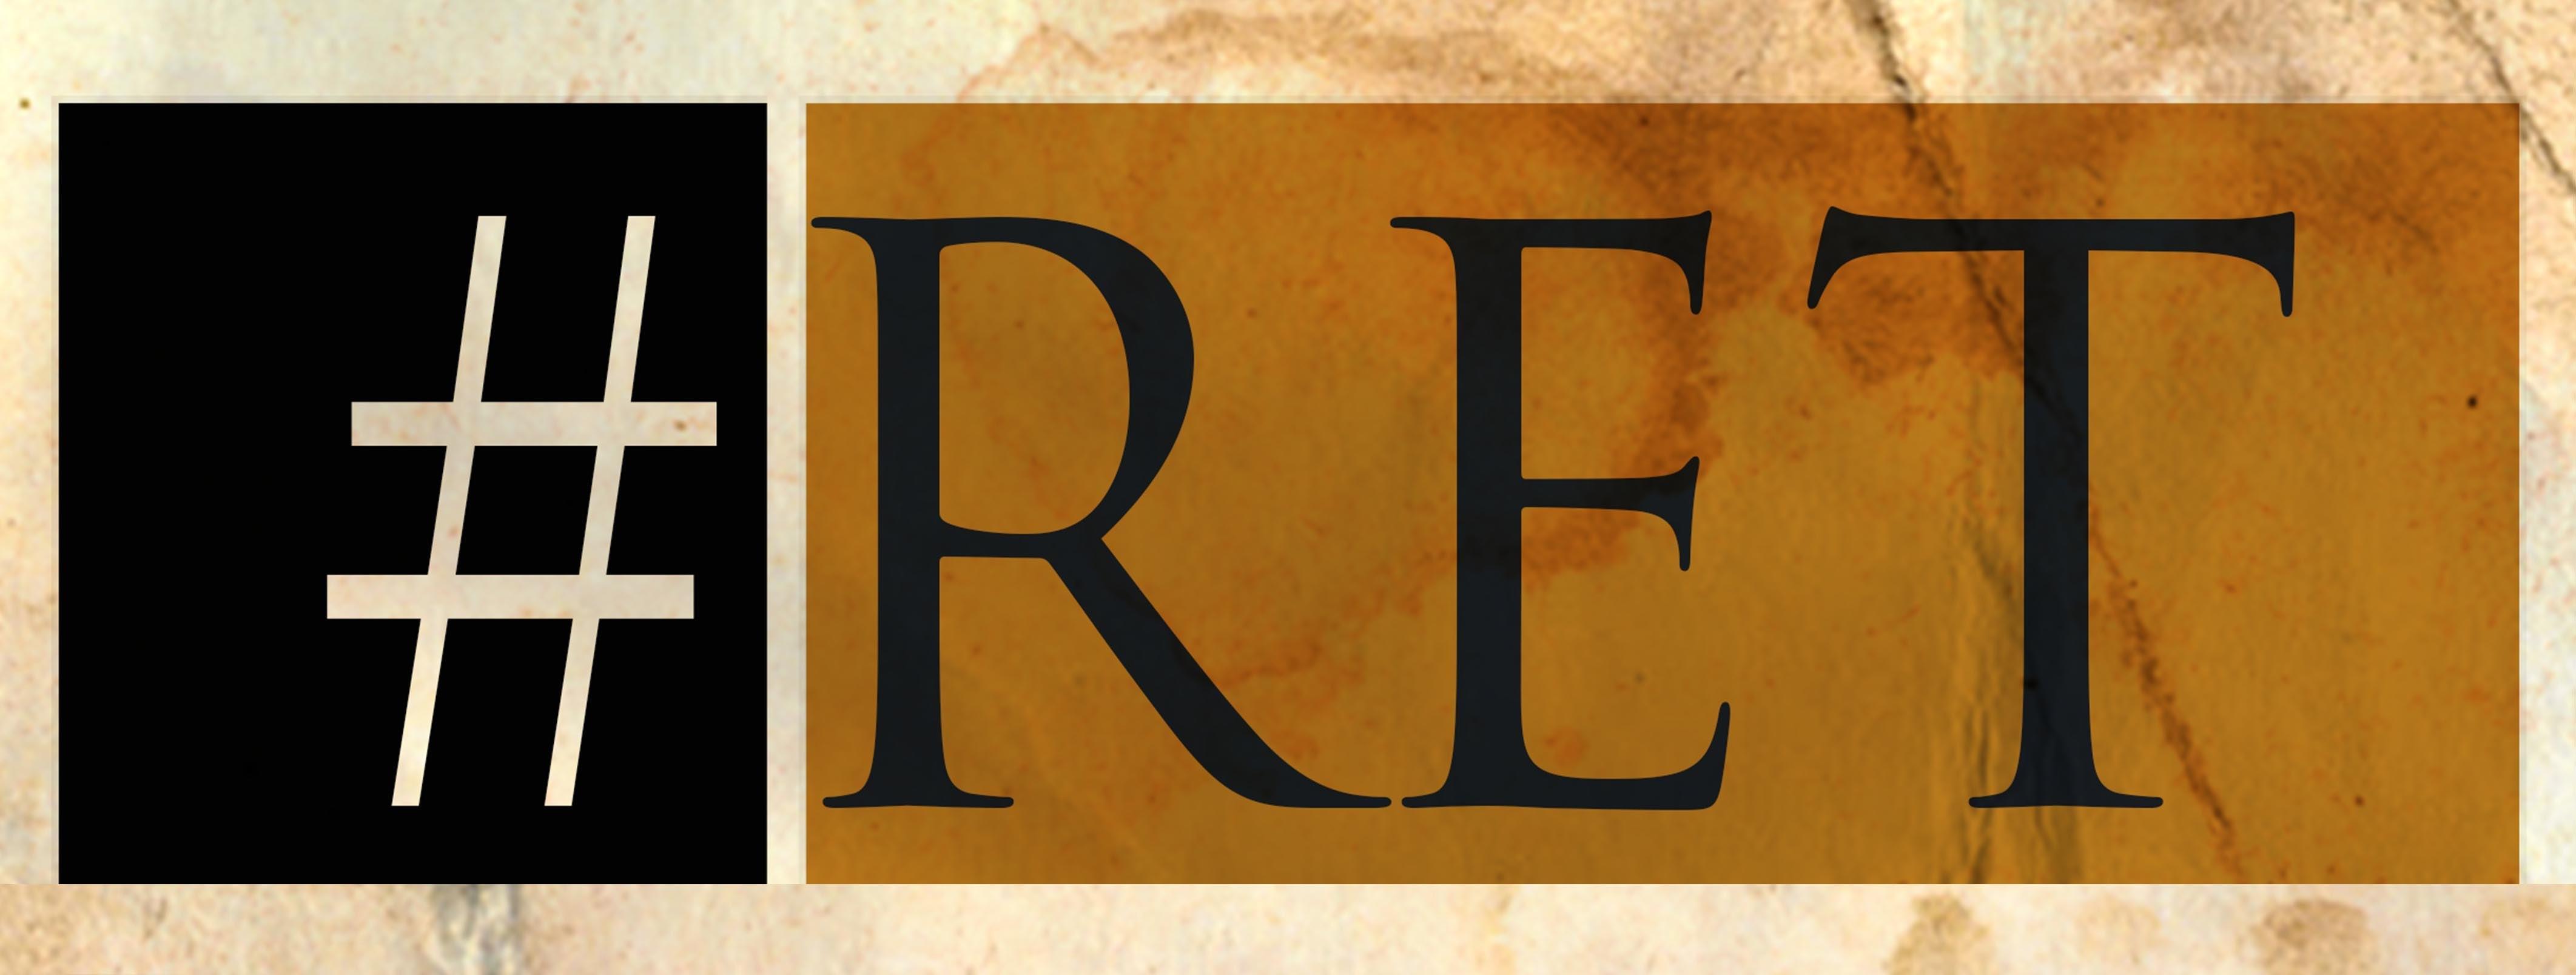 RET3b